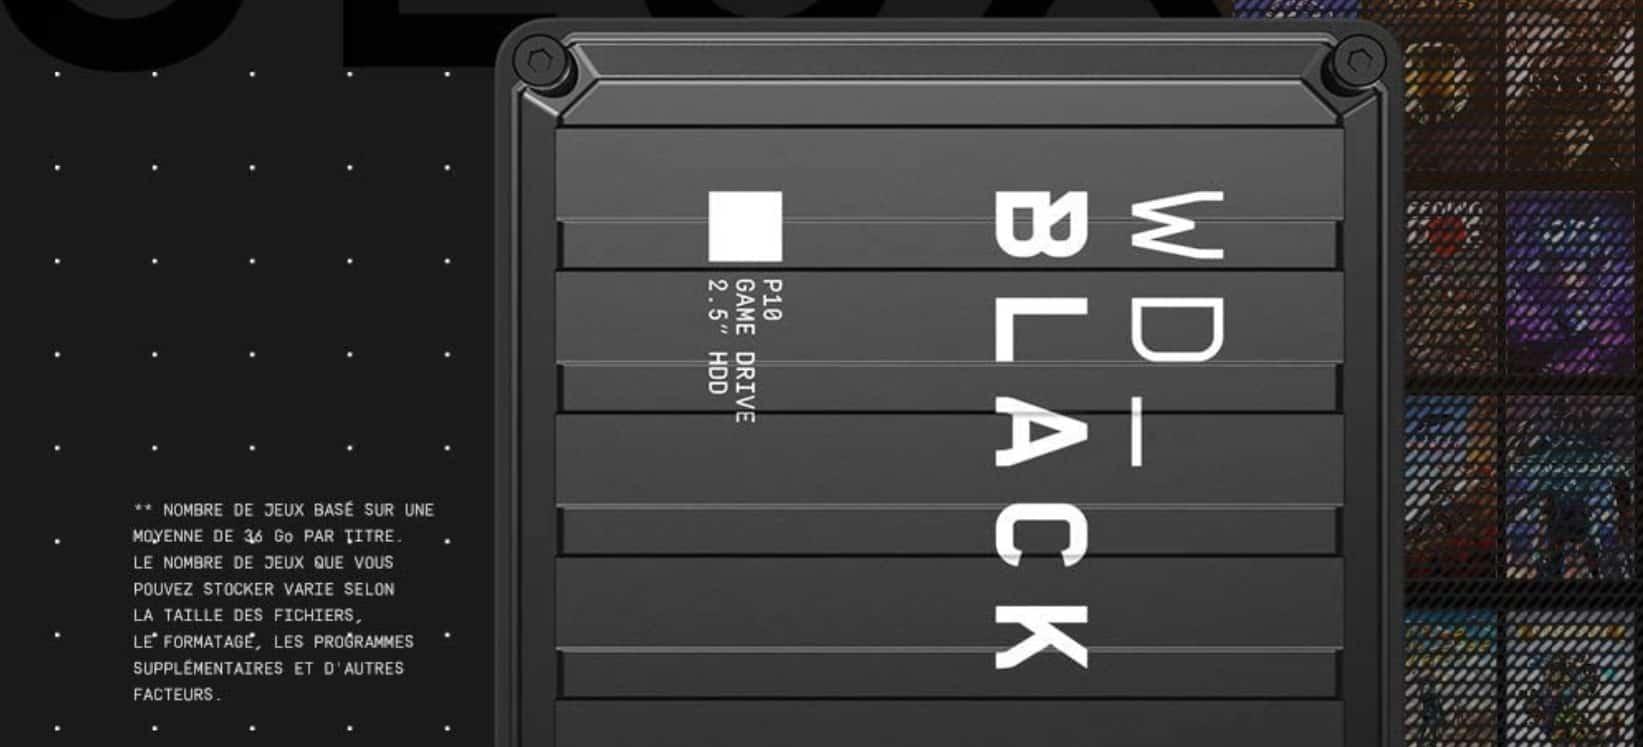 Comparatif pour choisir le meilleur disque dur externe 4 Go